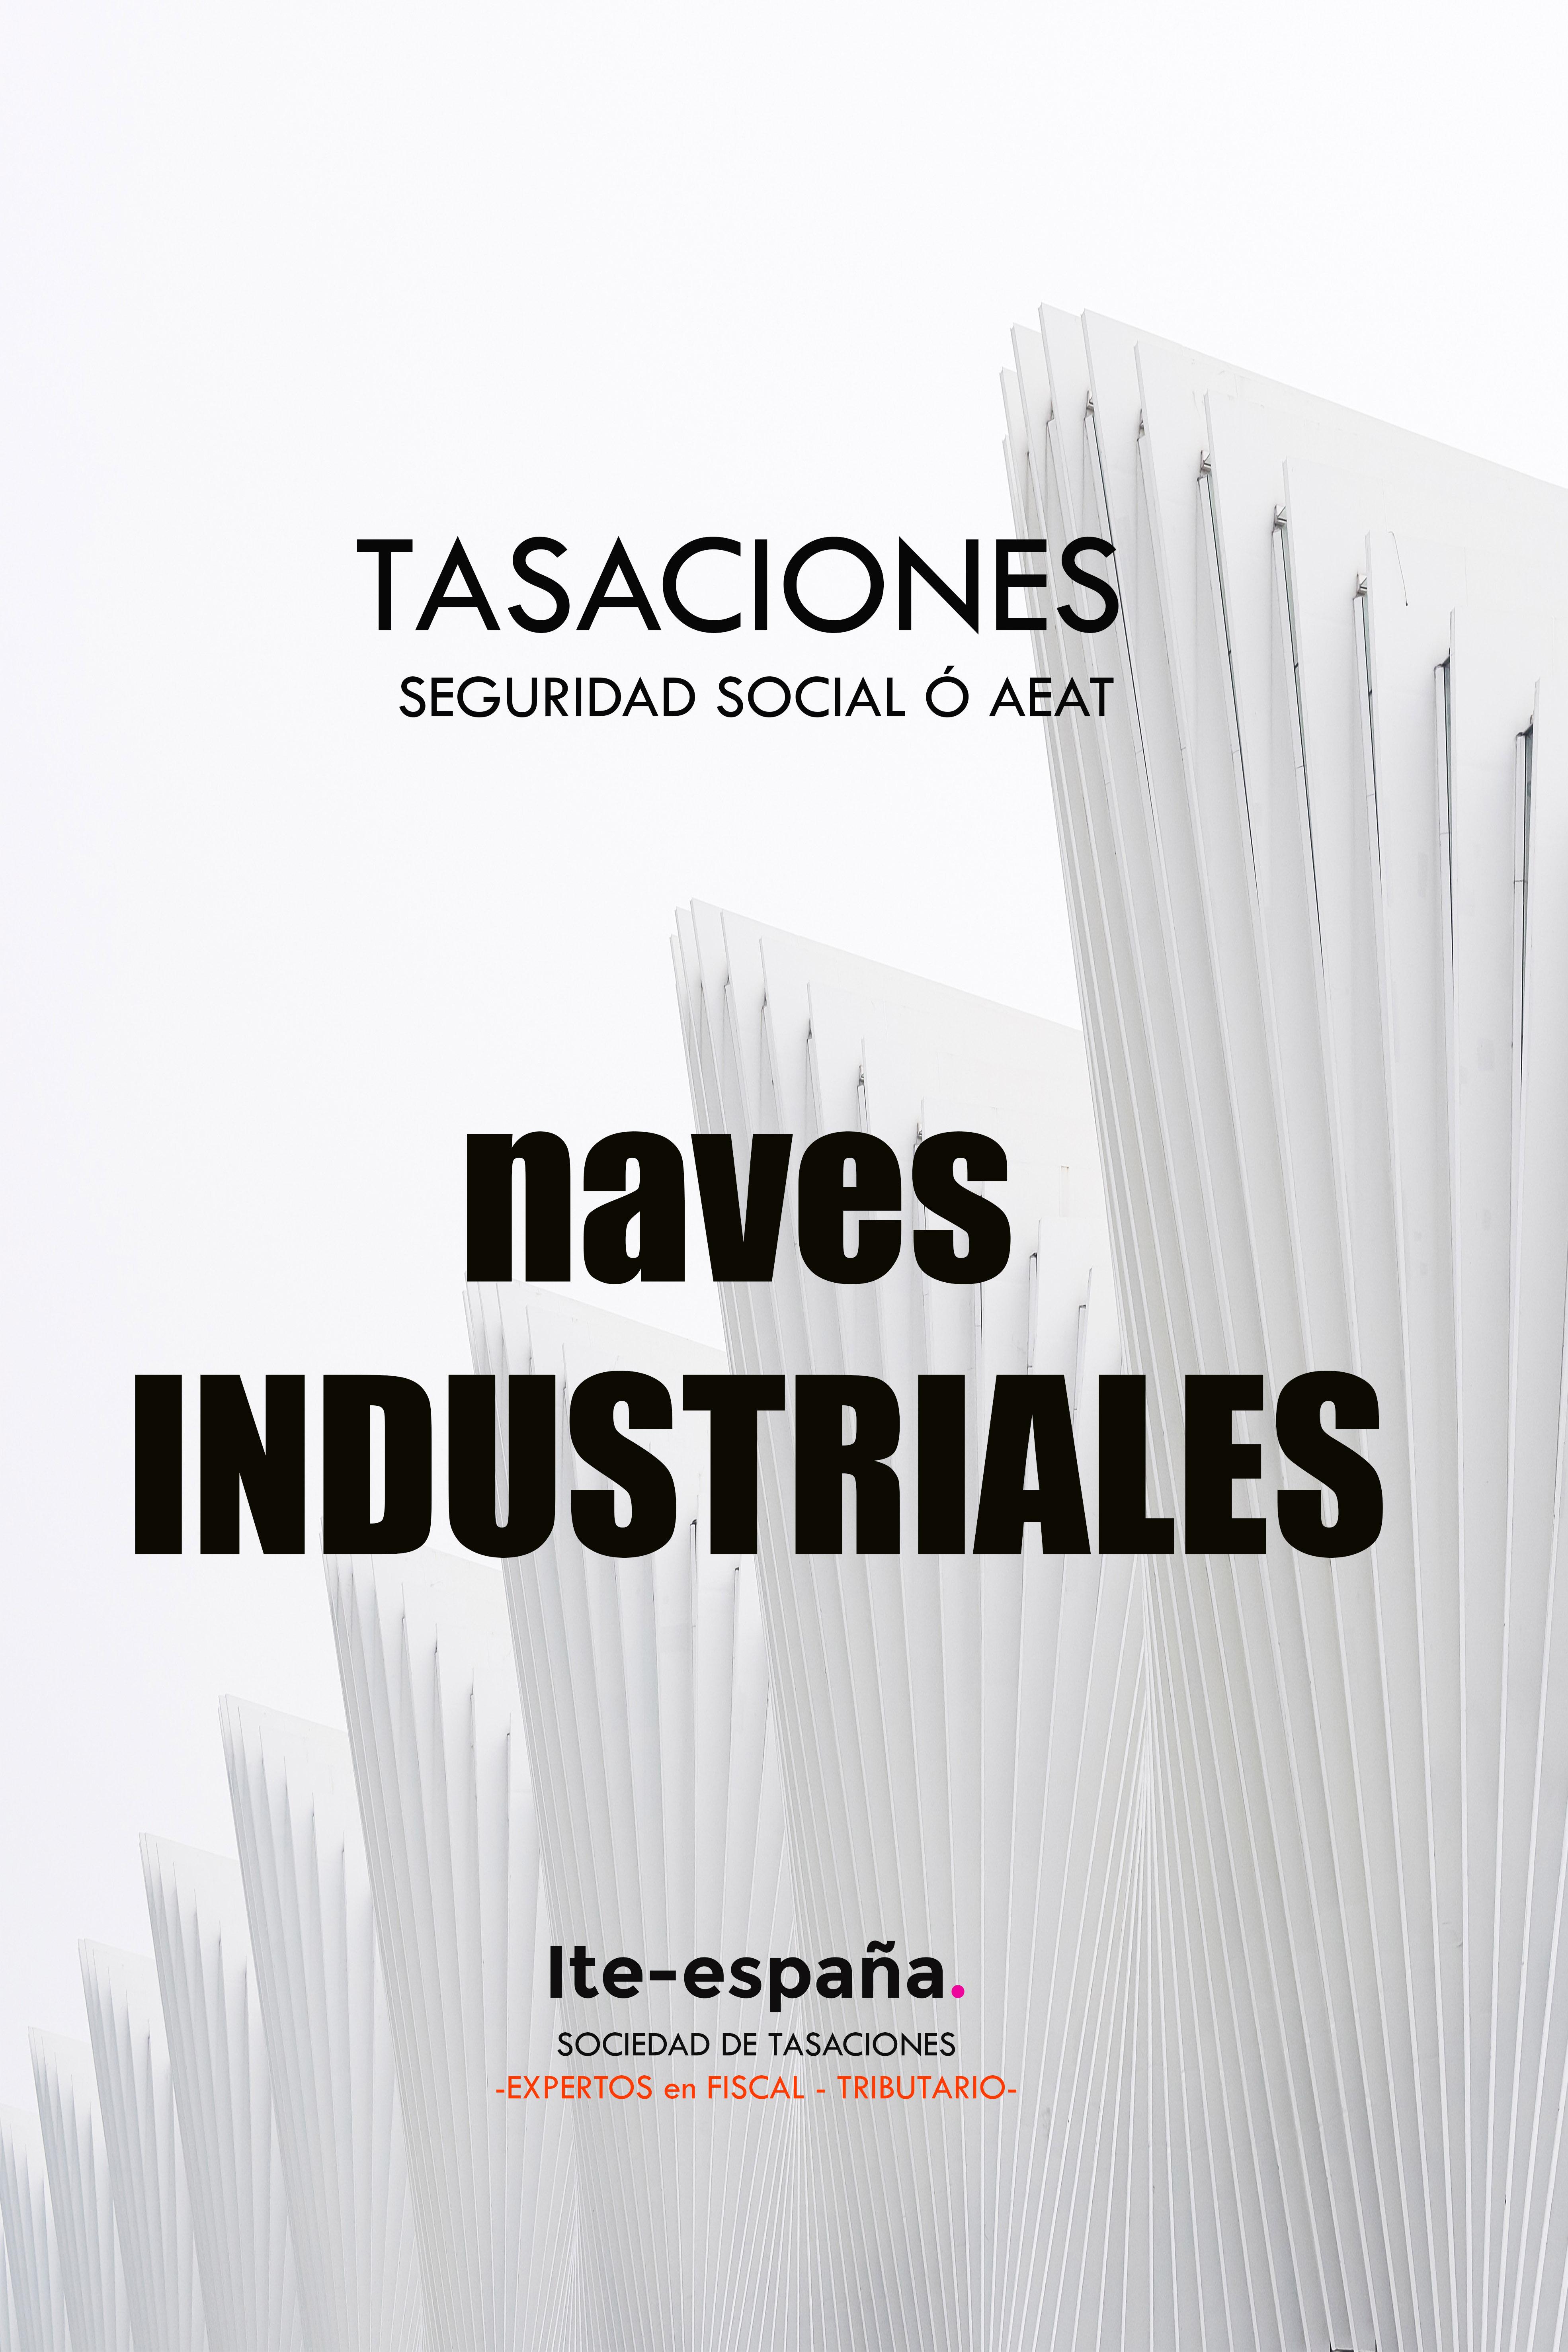 Tasación naves industriales Alicante